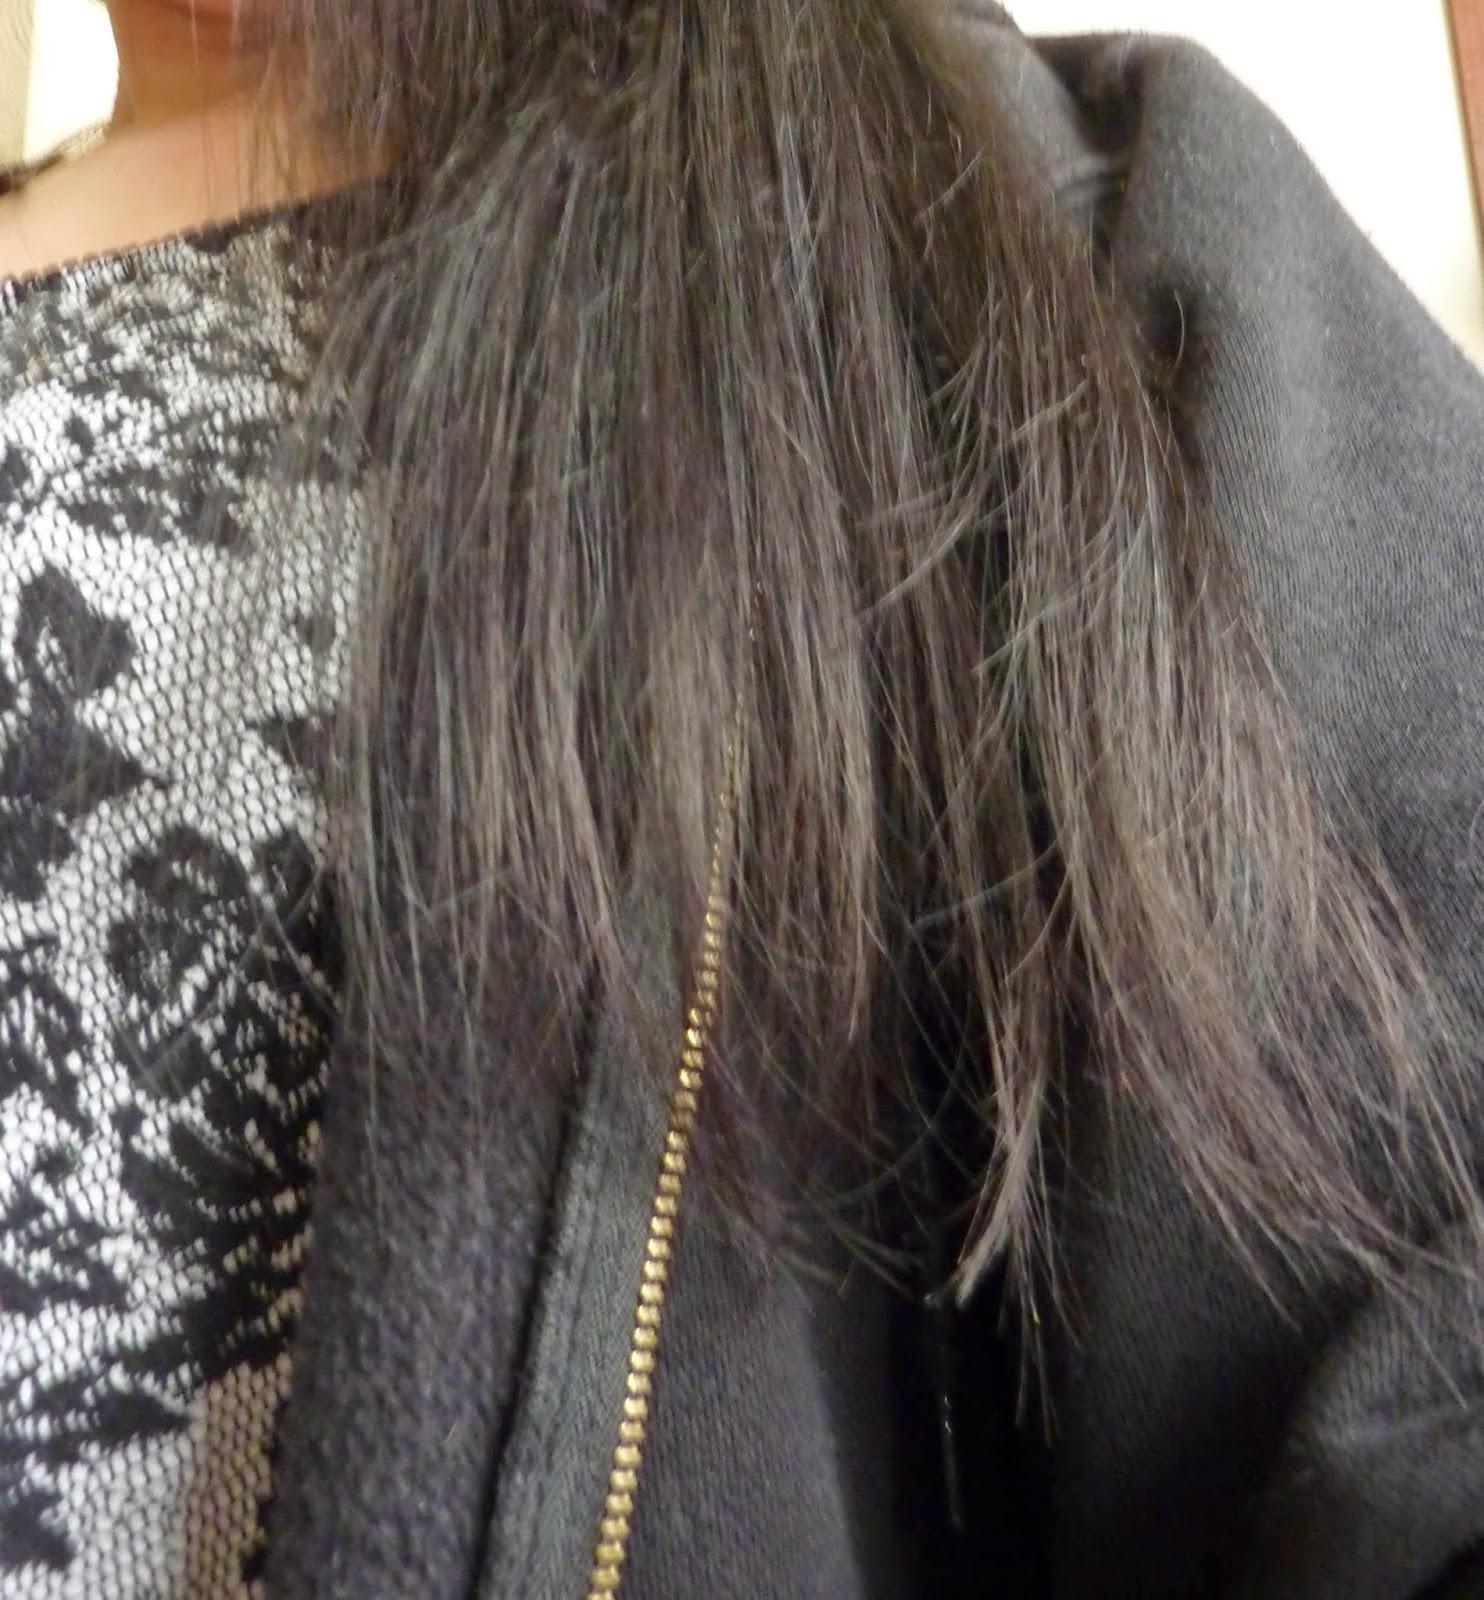 Alessaknox blog lifestyle belge comment se couper les cheveux soi m me en 60sec - Se couper les pointes soi meme ...